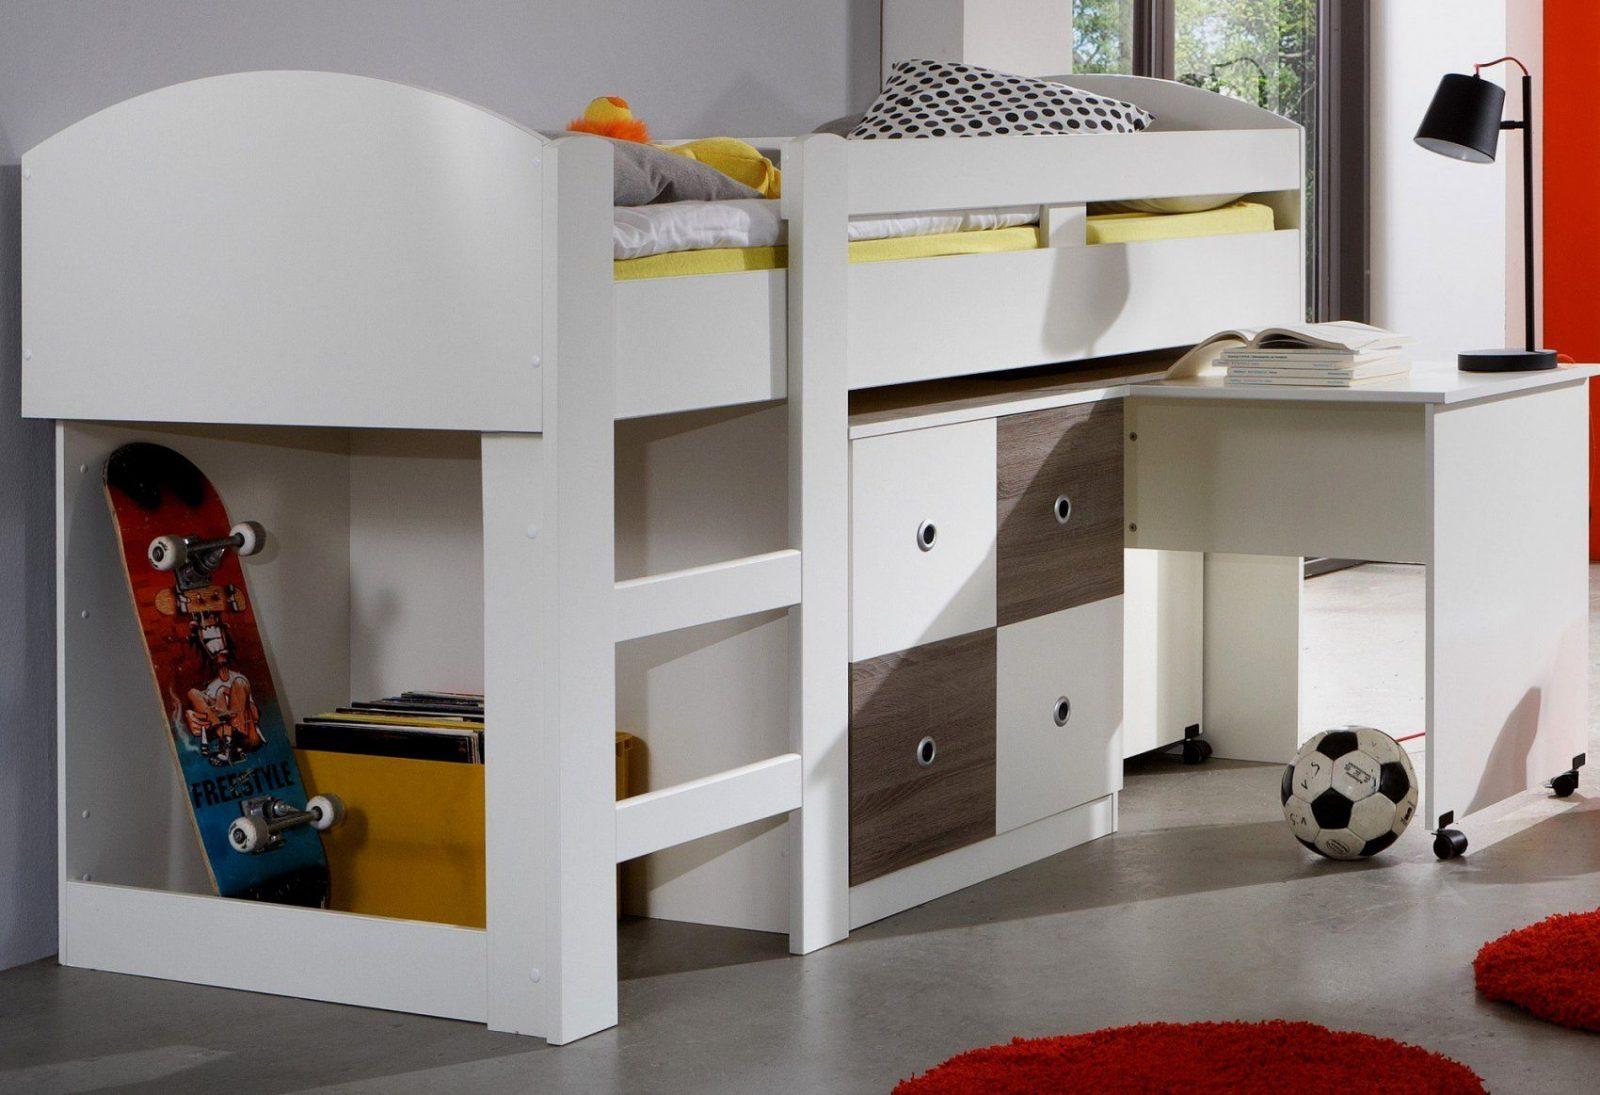 Bezaubernd Kinderbett Mit Schrank Sammlung Von Ziemlich Schreibtisch Oben Bett Zum Hochbett